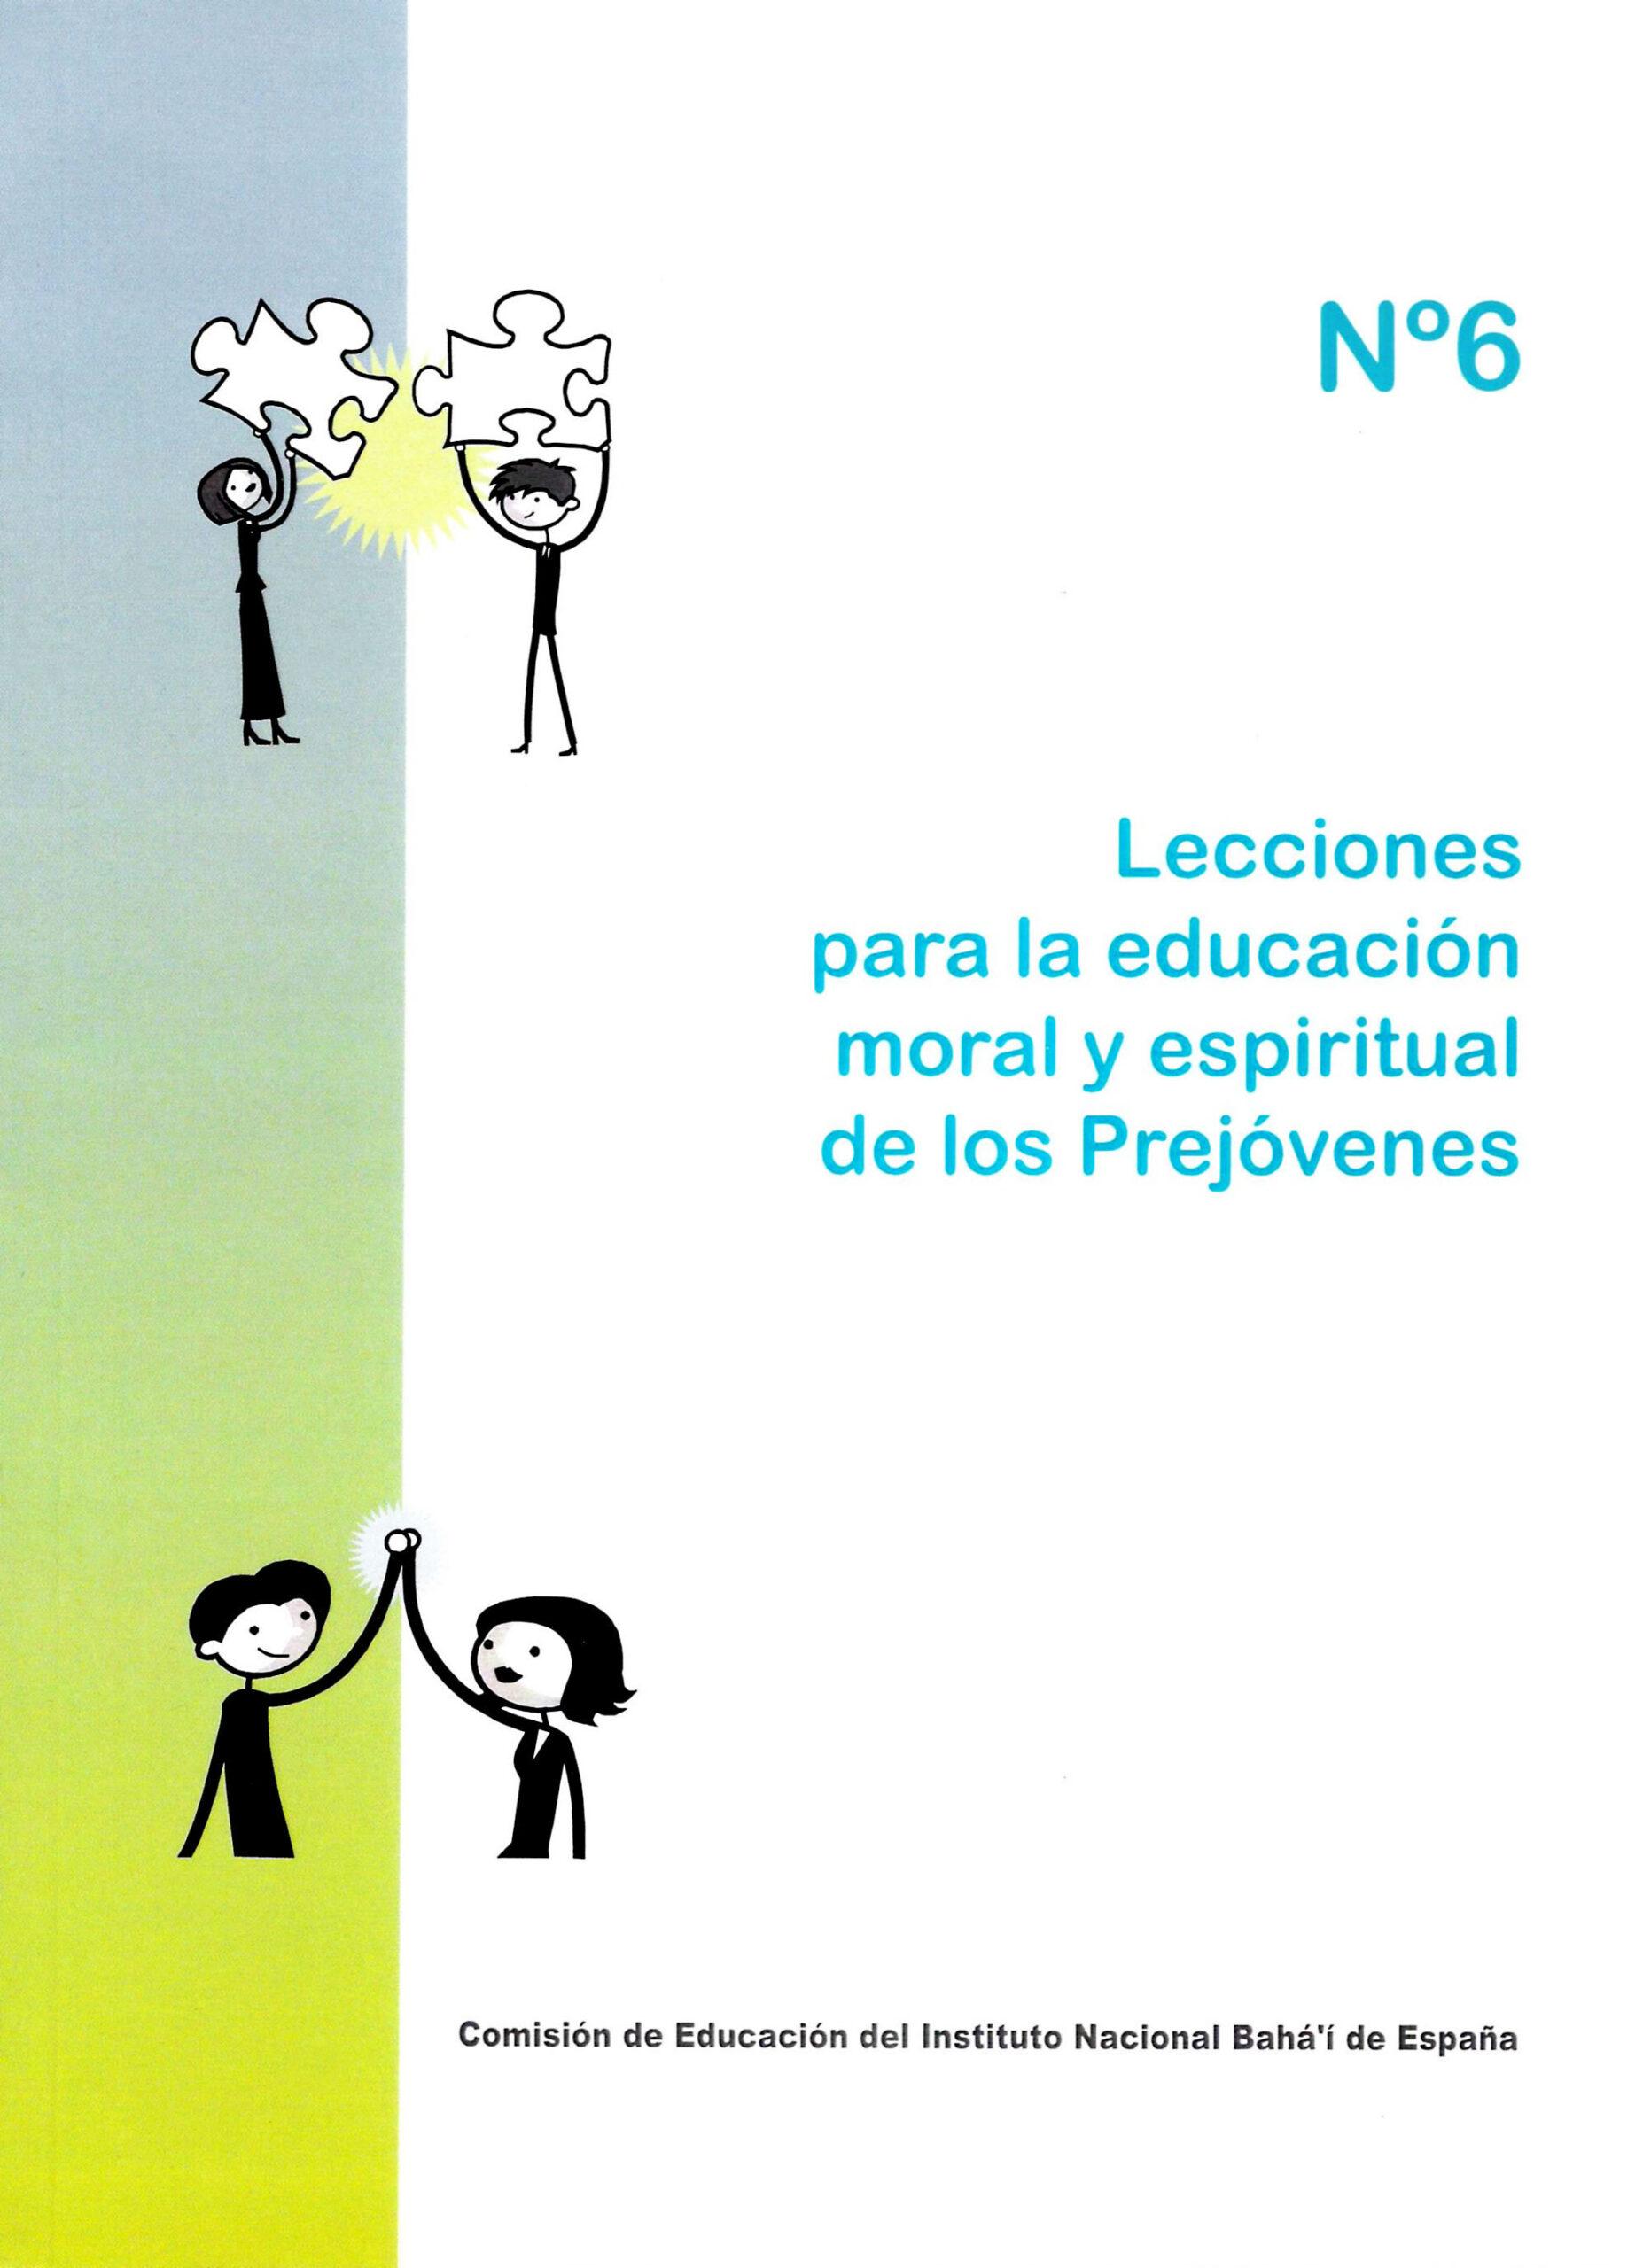 Lecc para la educ n6